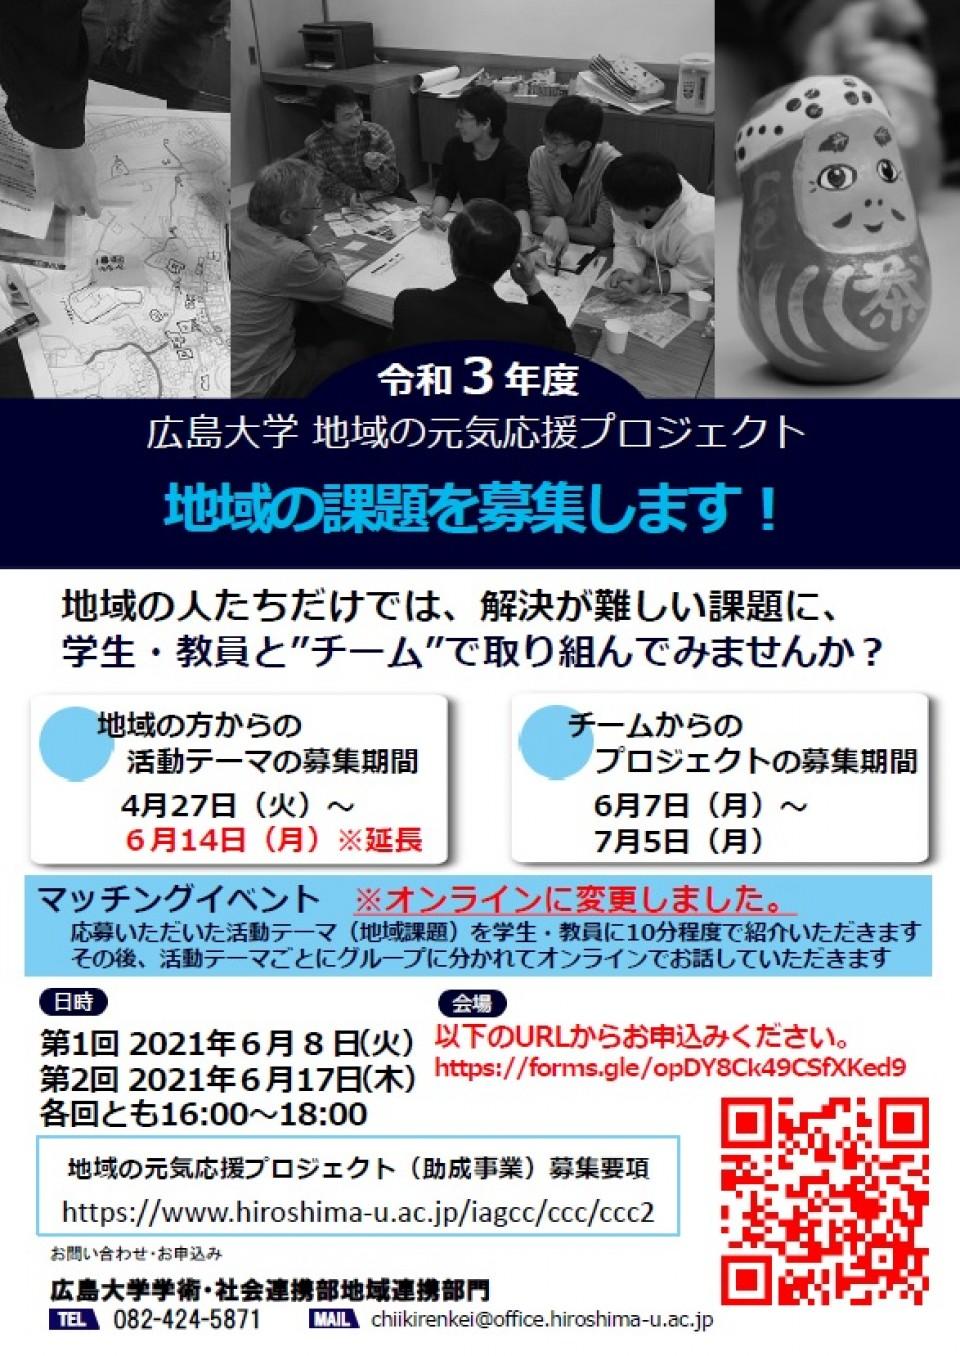 【募集終了】広島大学「地域の元気応援プロジェクト」 参加団体募集について